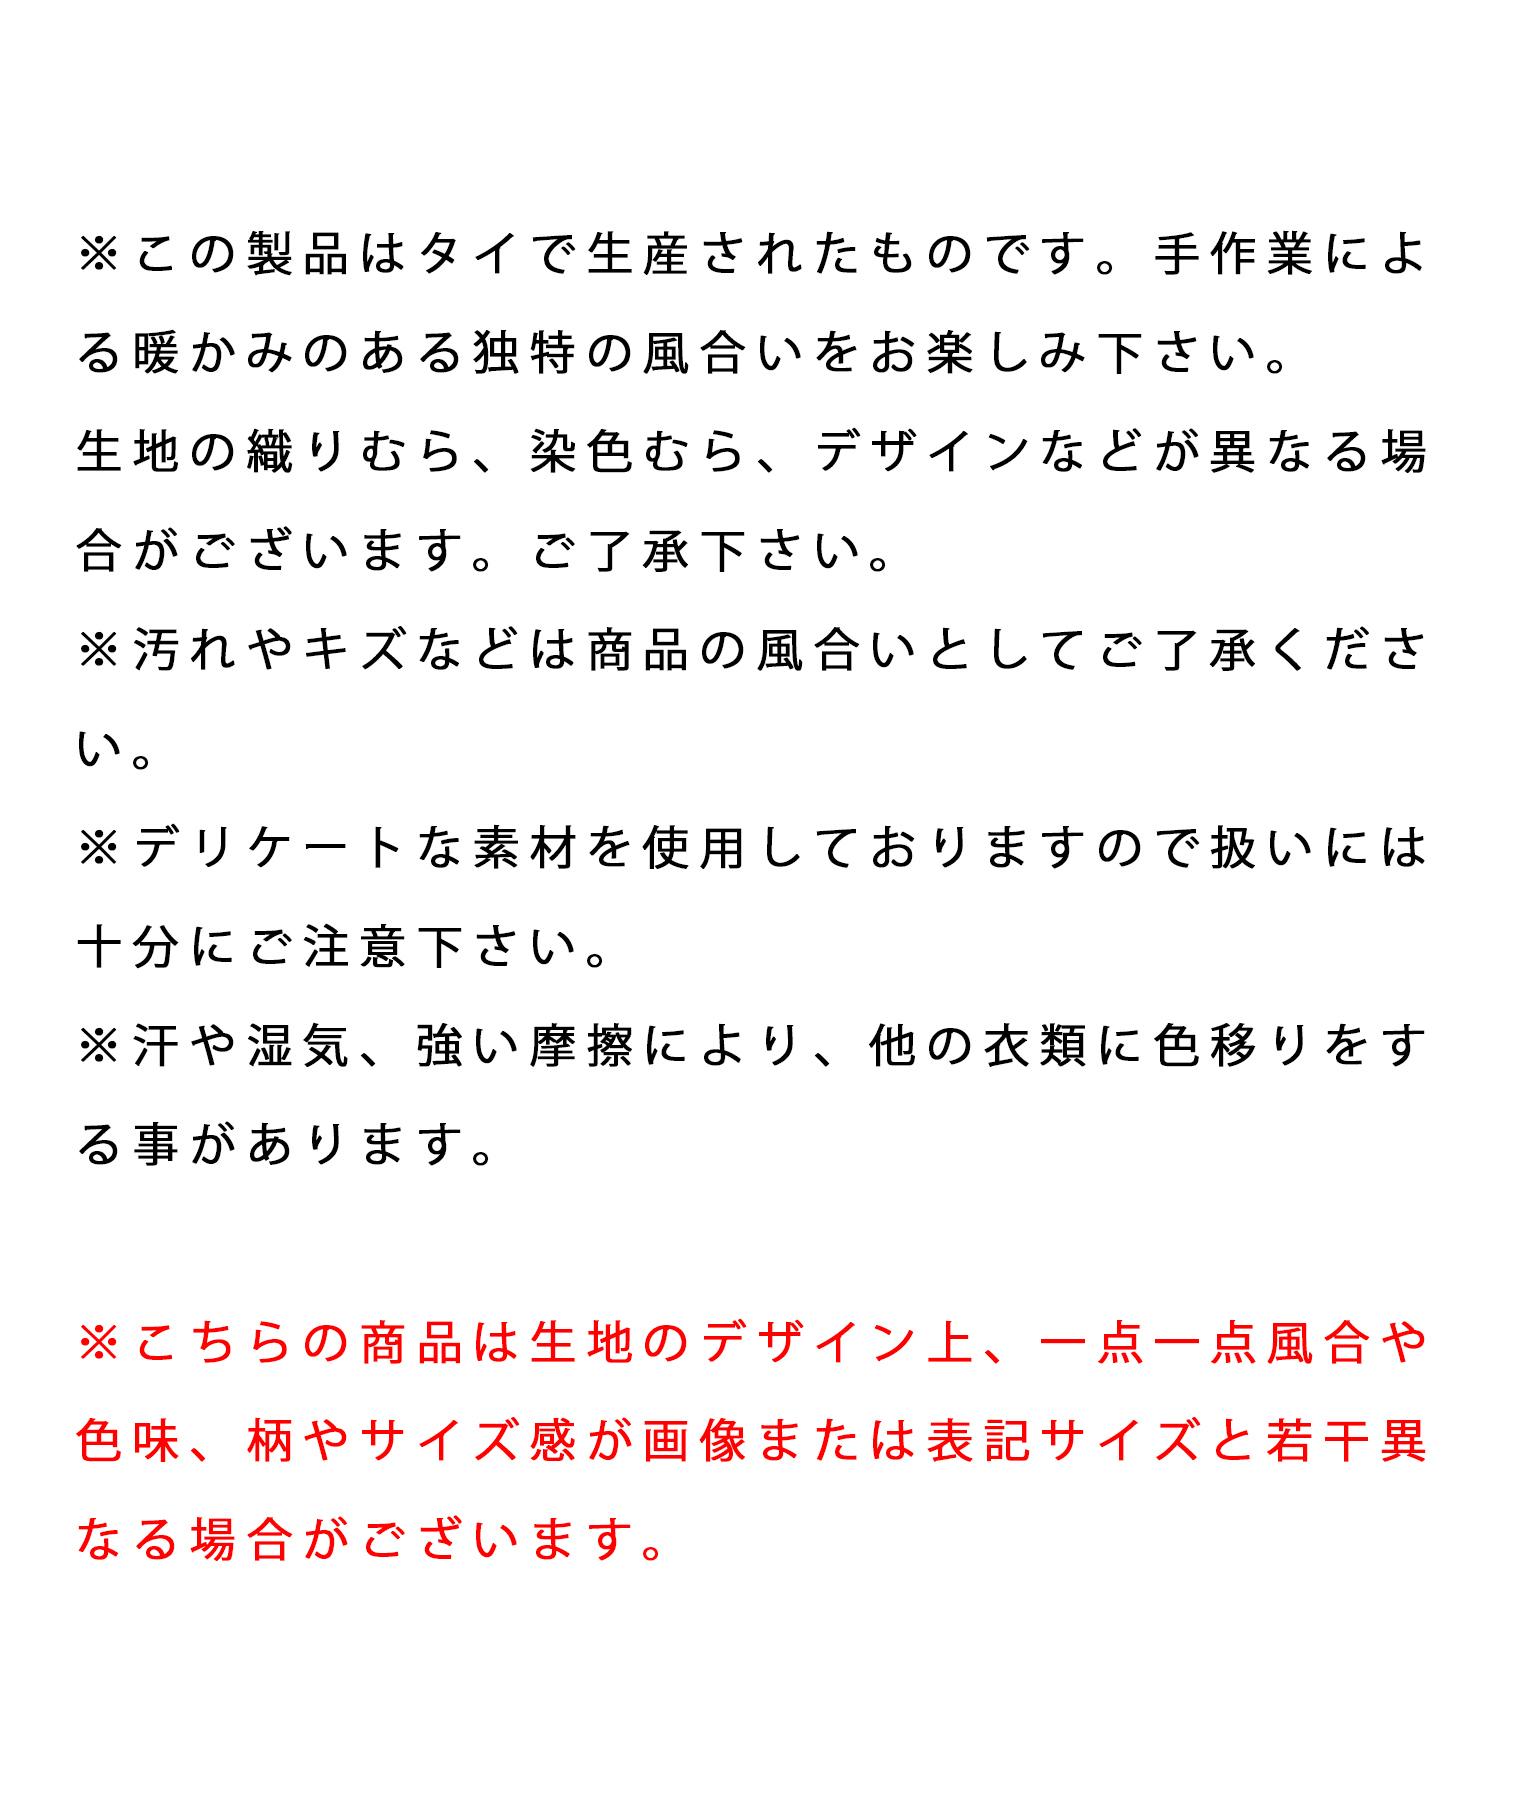 タイダイビッグトートバッグ(バッグ・鞄・小物/トートバッグ) | anap mimpi